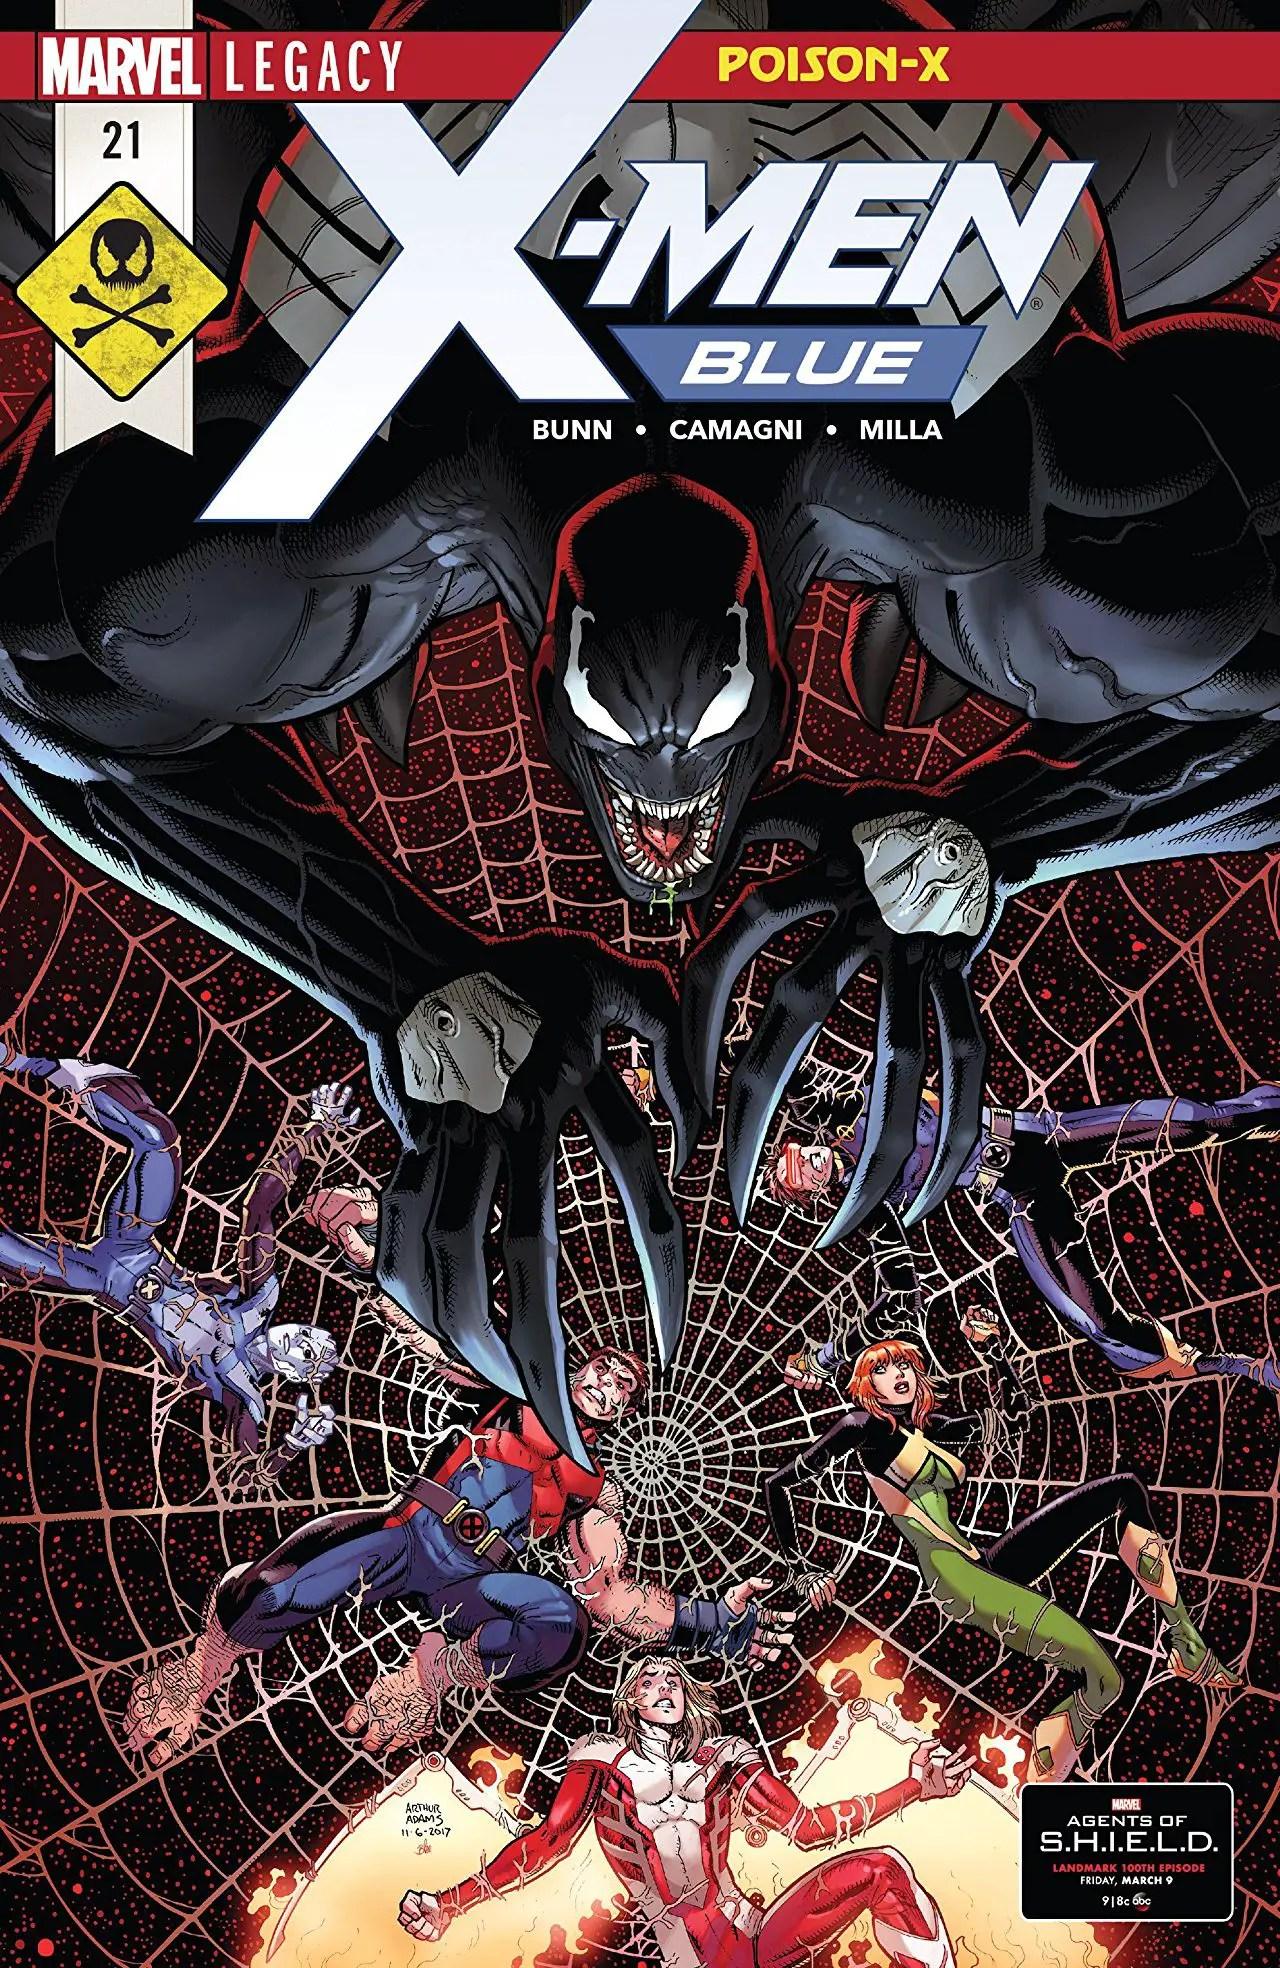 X-Men Blue #21 review